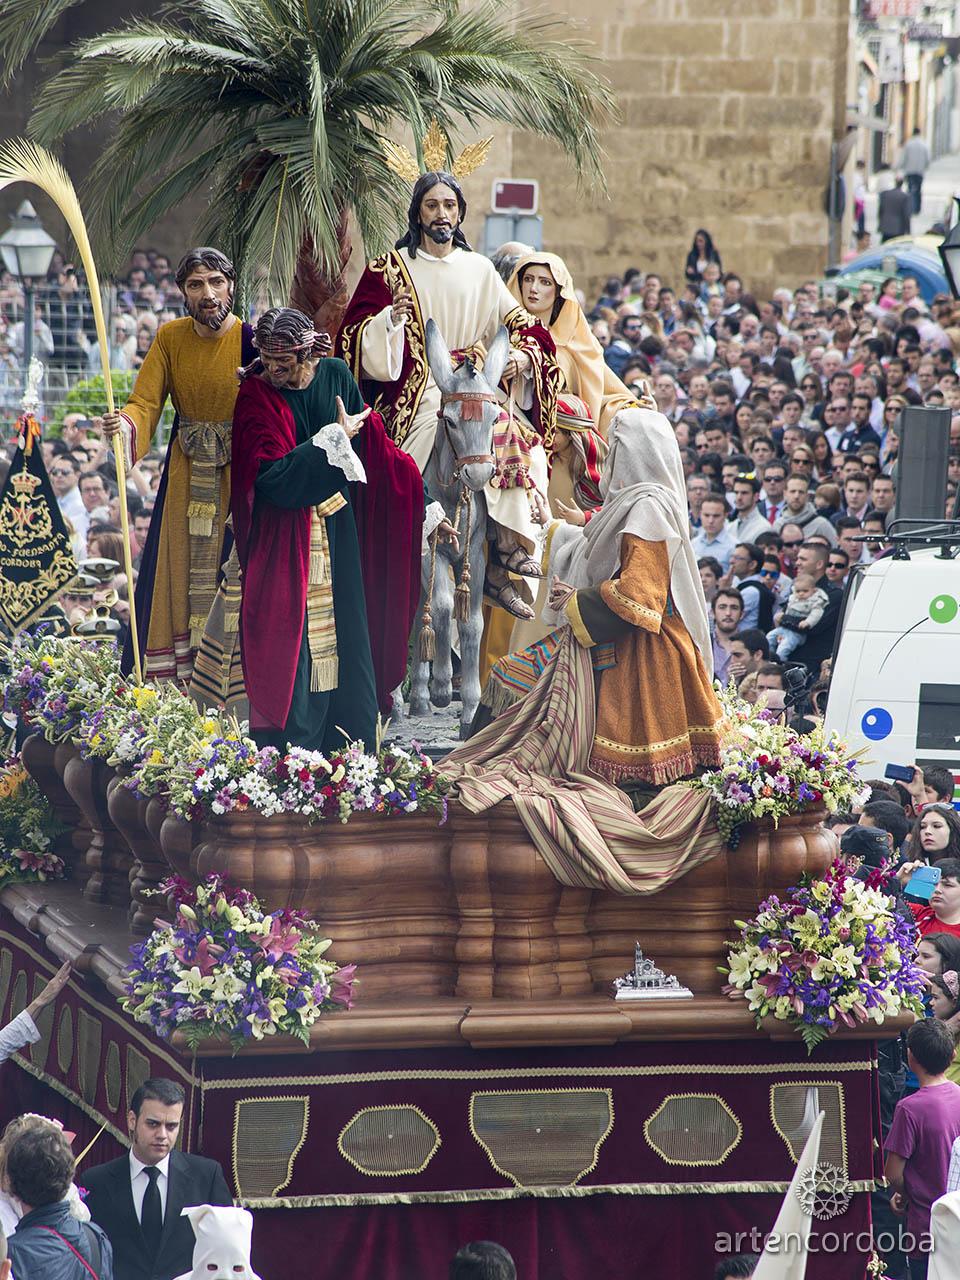 Nuestro Padre Jesús de los Reyes - Hermandad de la Entrada Triunfal (Borriquita) de Córdoba